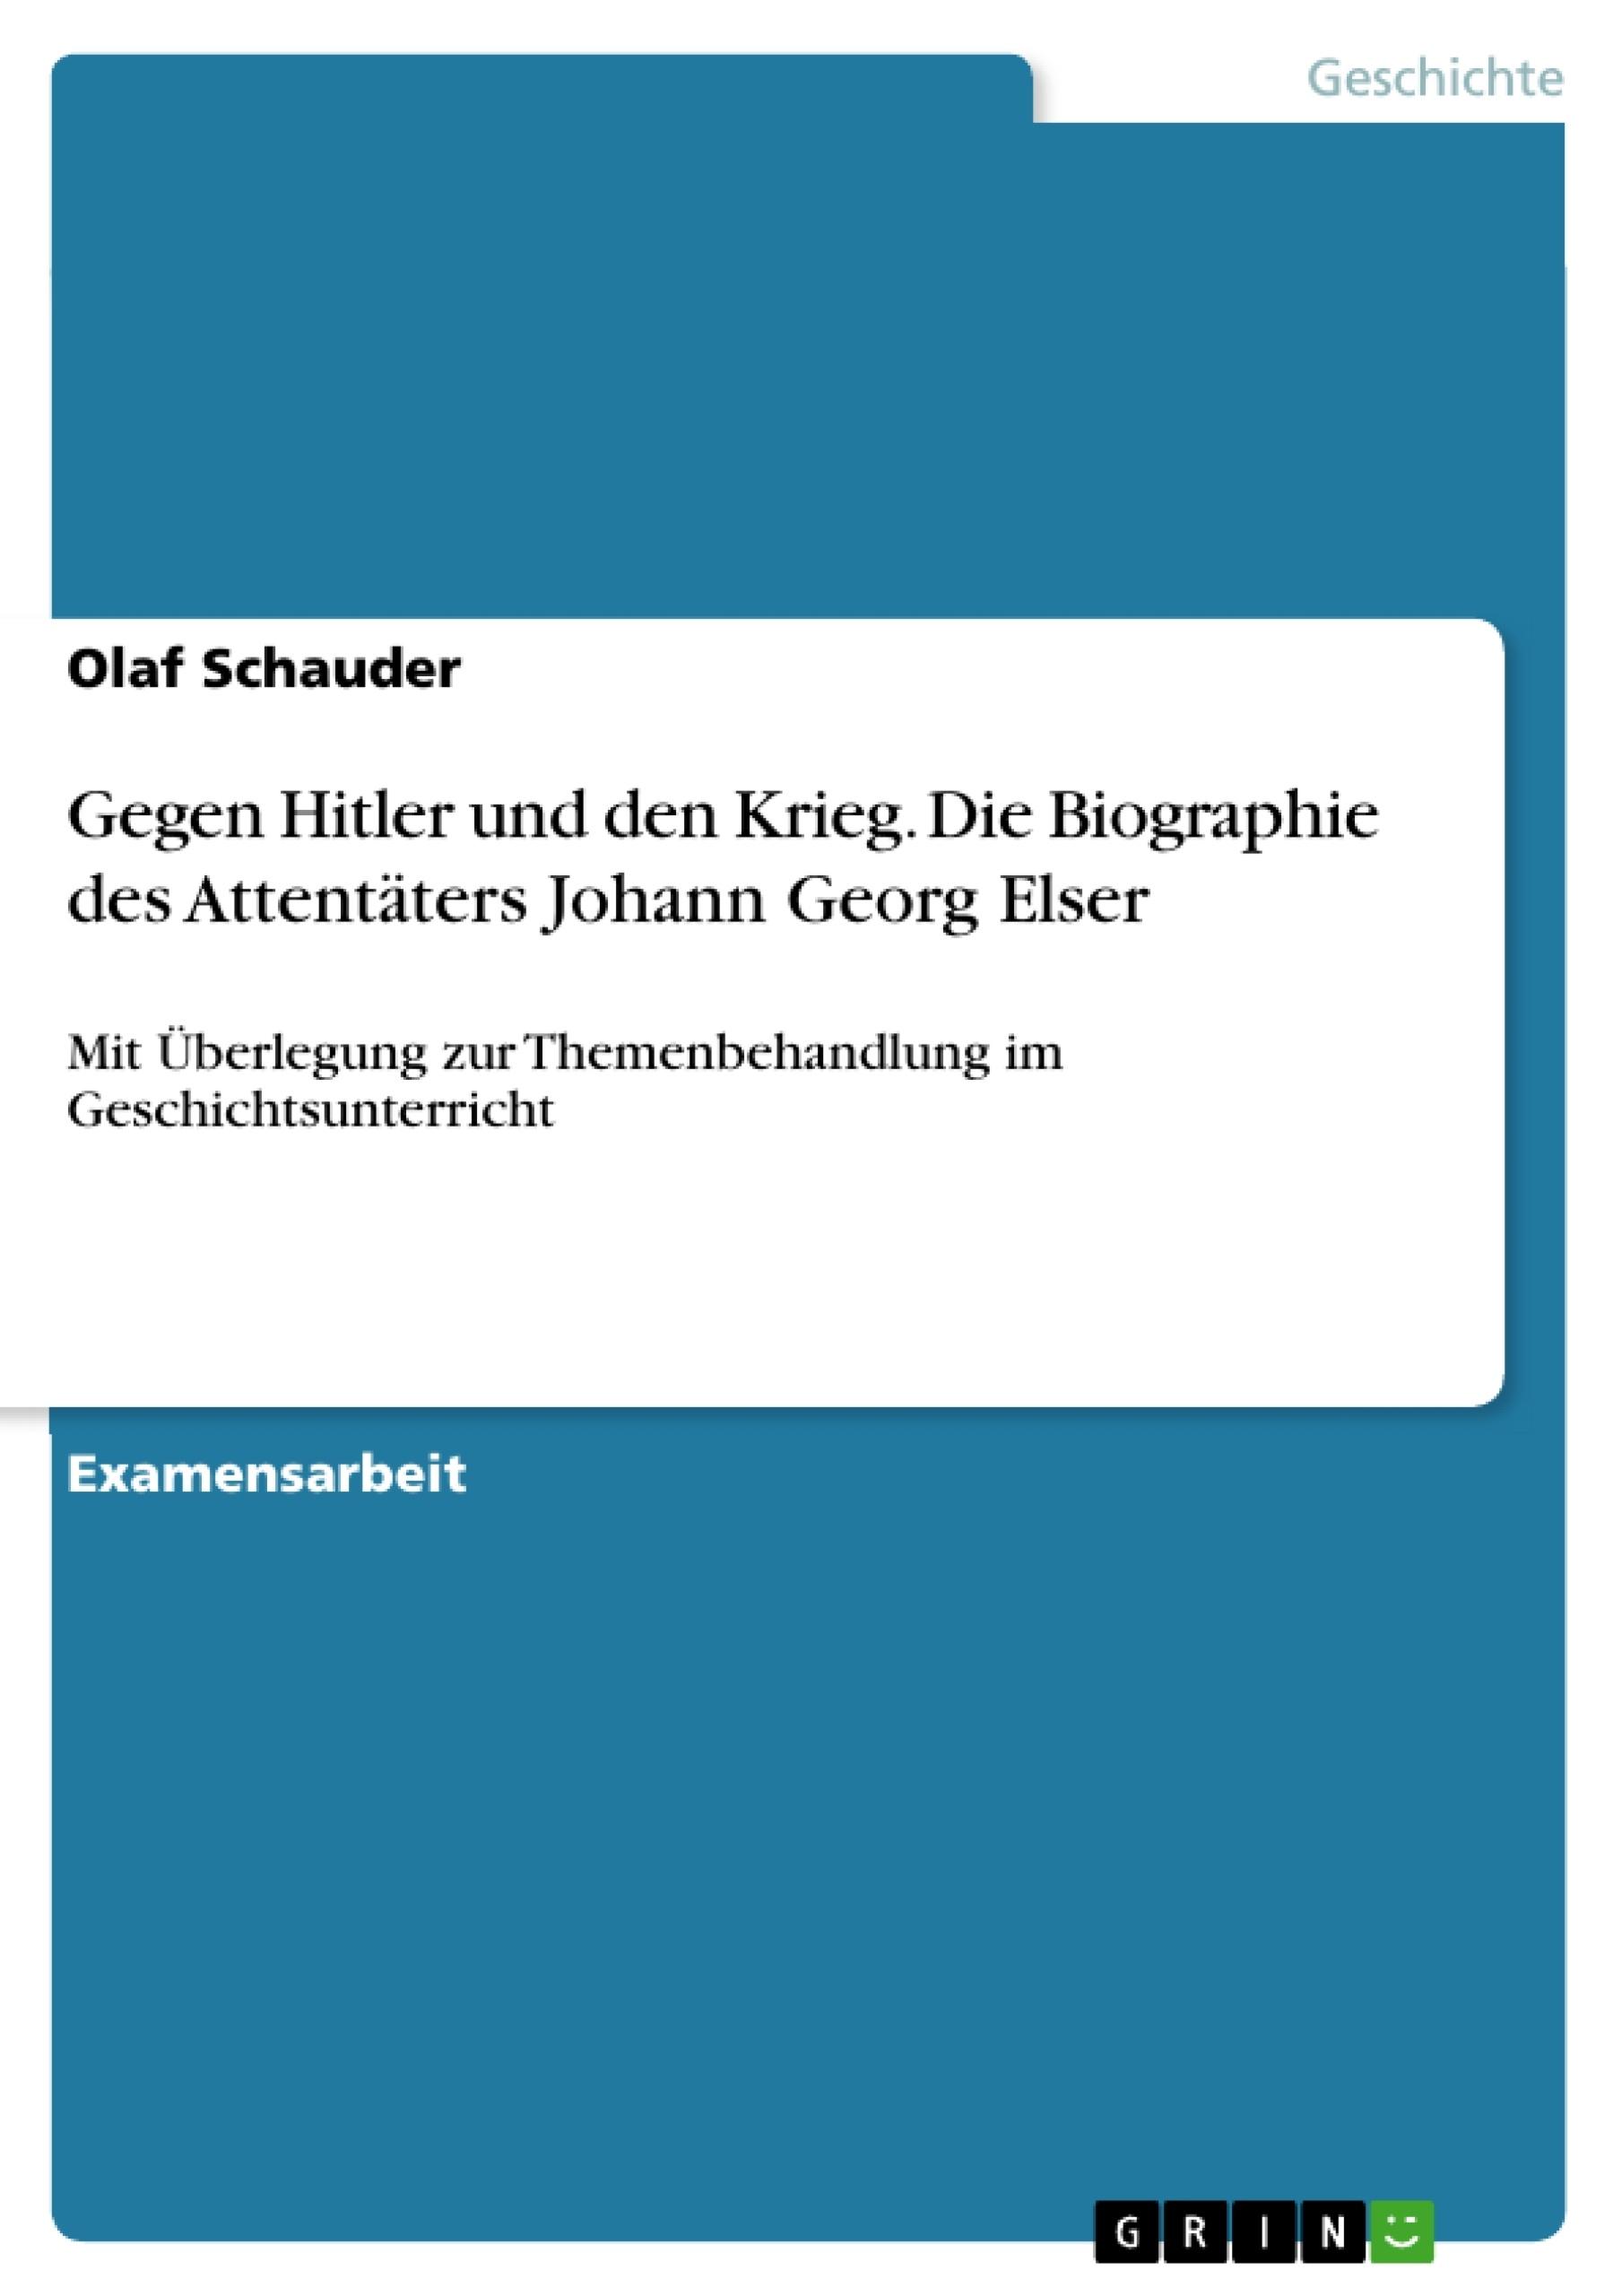 Titel: Gegen Hitler und den Krieg. Die Biographie des Attentäters Johann Georg Elser